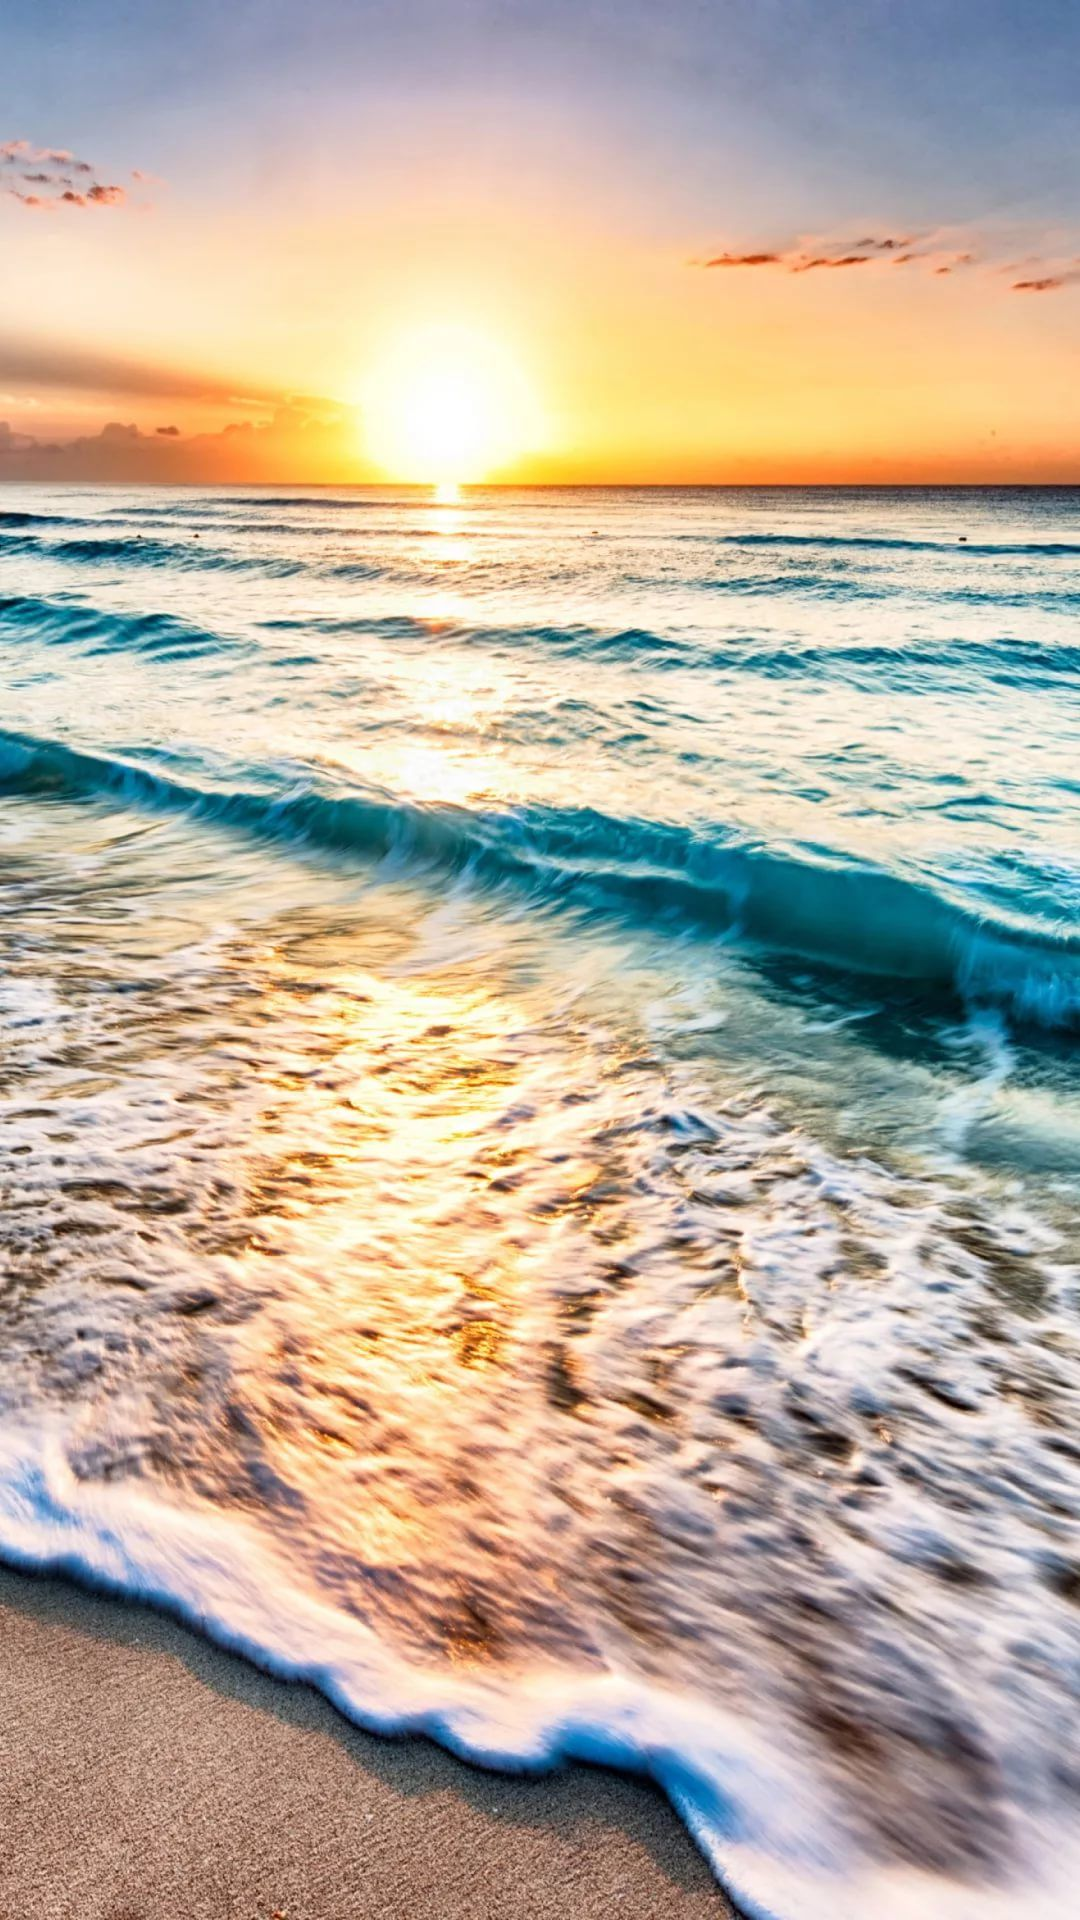 Beach iPhone 5 wallpaper